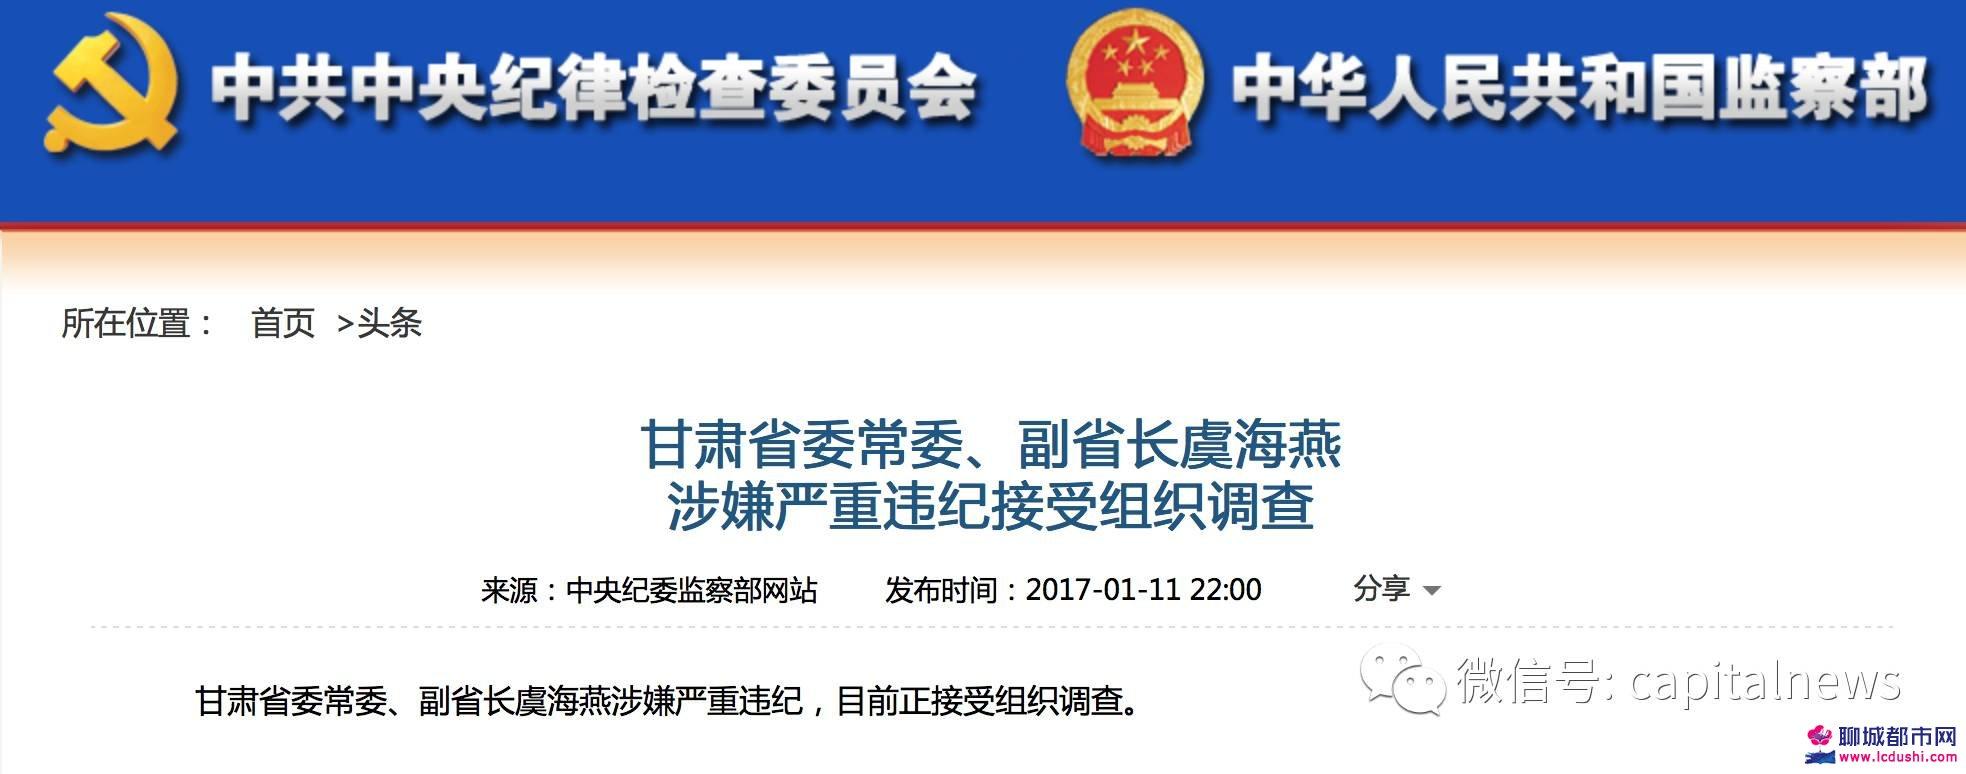 甘肃副省长虞海燕被查现场原因,虞海燕去向简历背景照片最新消息